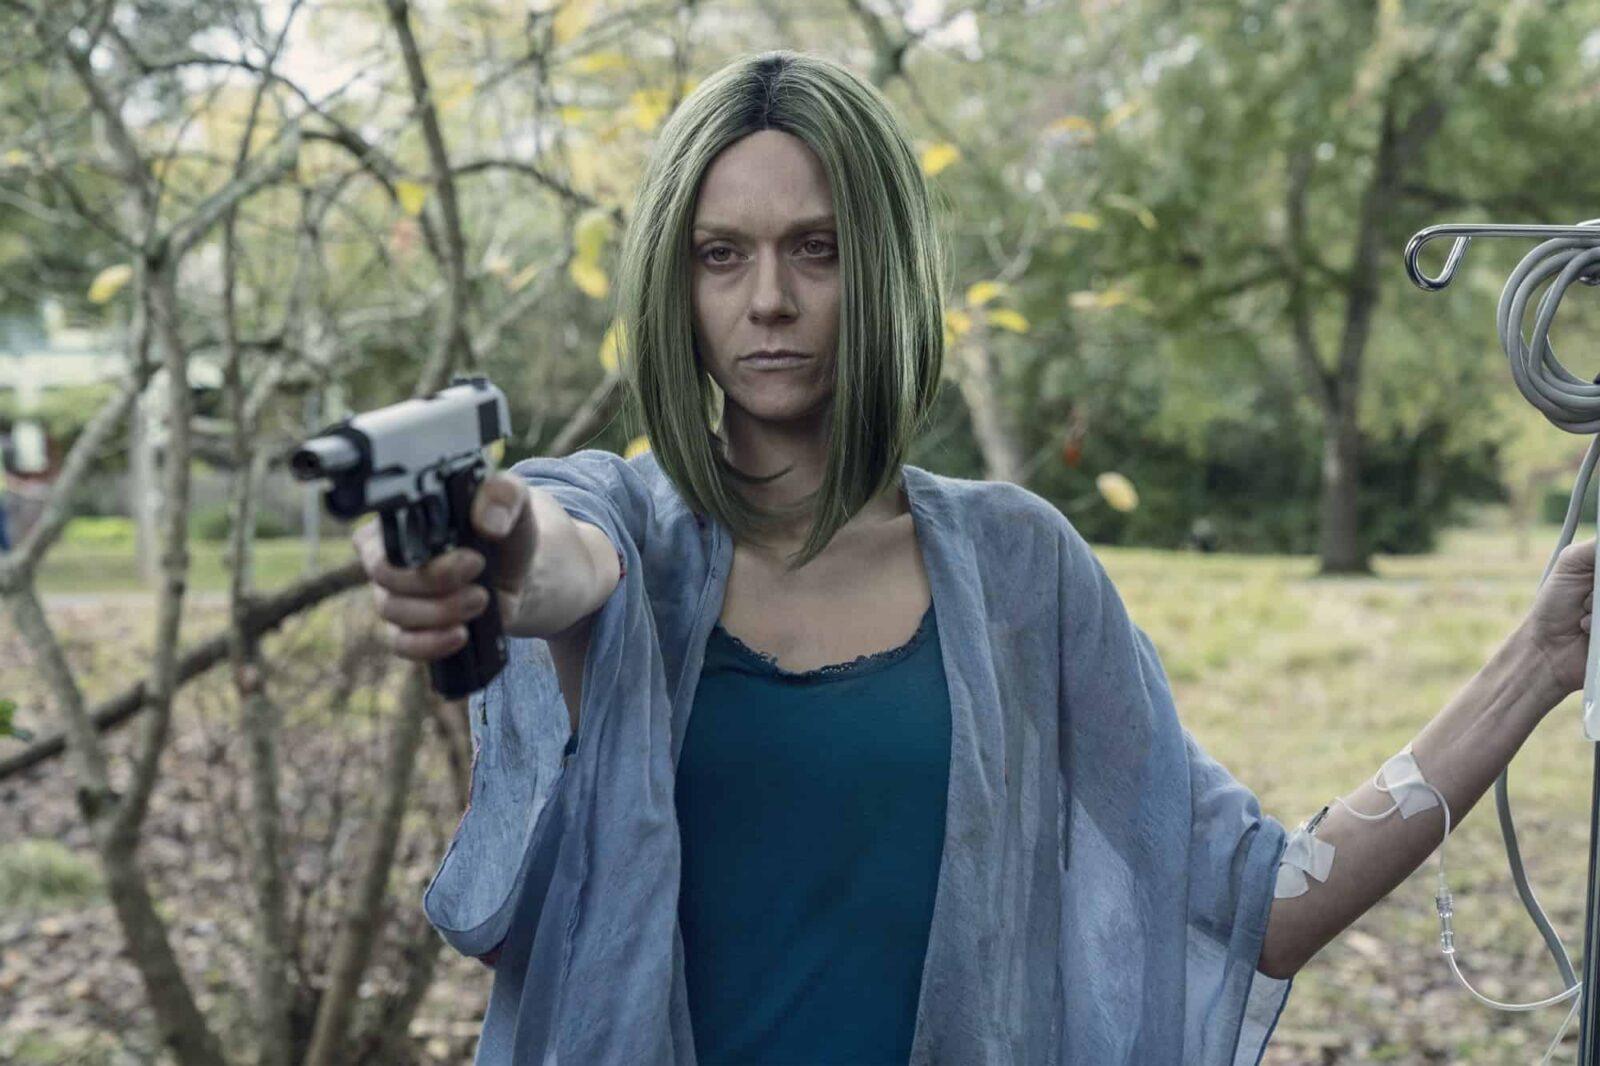 Lucille salva a Negan de un caminante en The Walking Dead